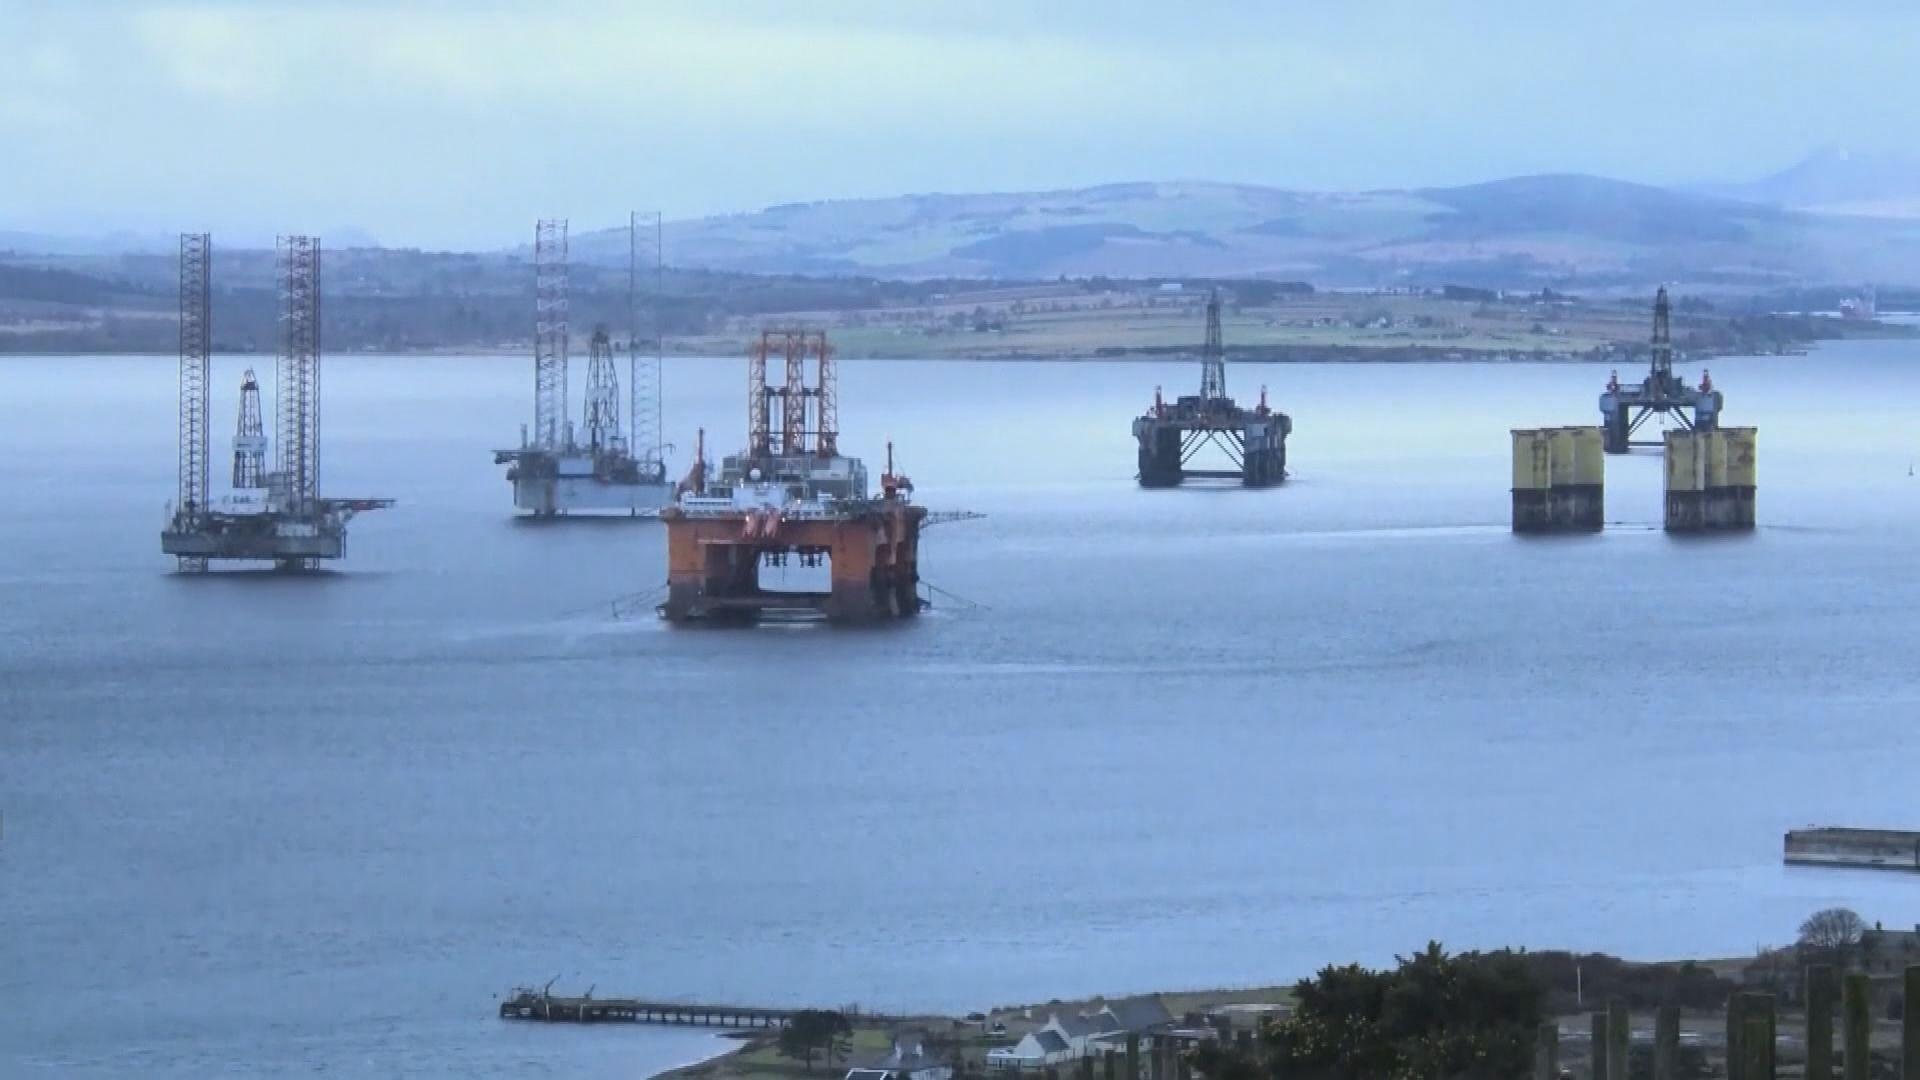 【貿易摩擦影響】傳美國已停止向中國出口原油